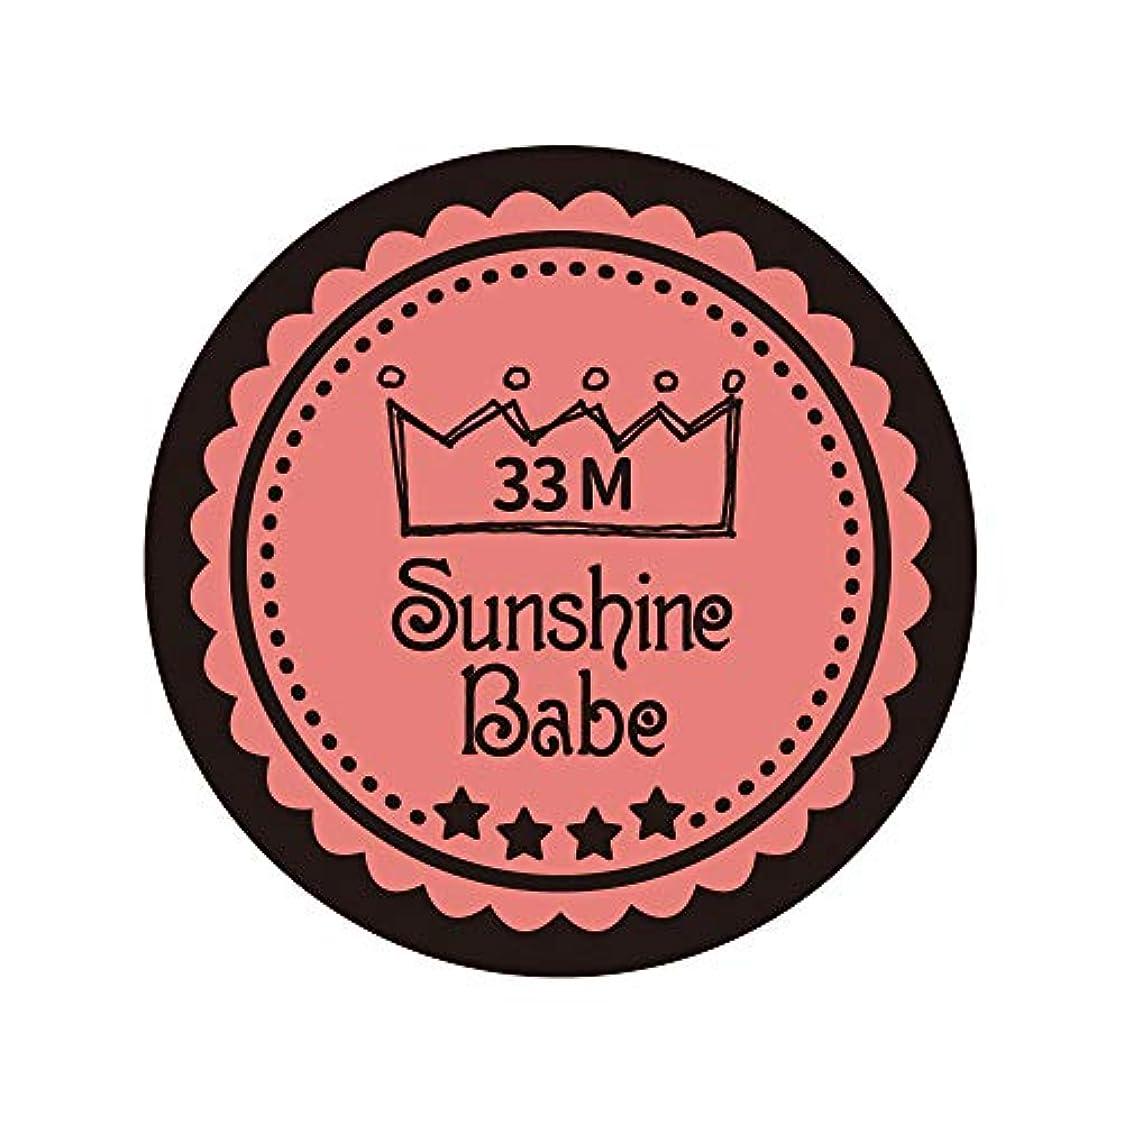 樹皮愛する耳Sunshine Babe カラージェル 33M ベイクドコーラルピンク 2.7g UV/LED対応